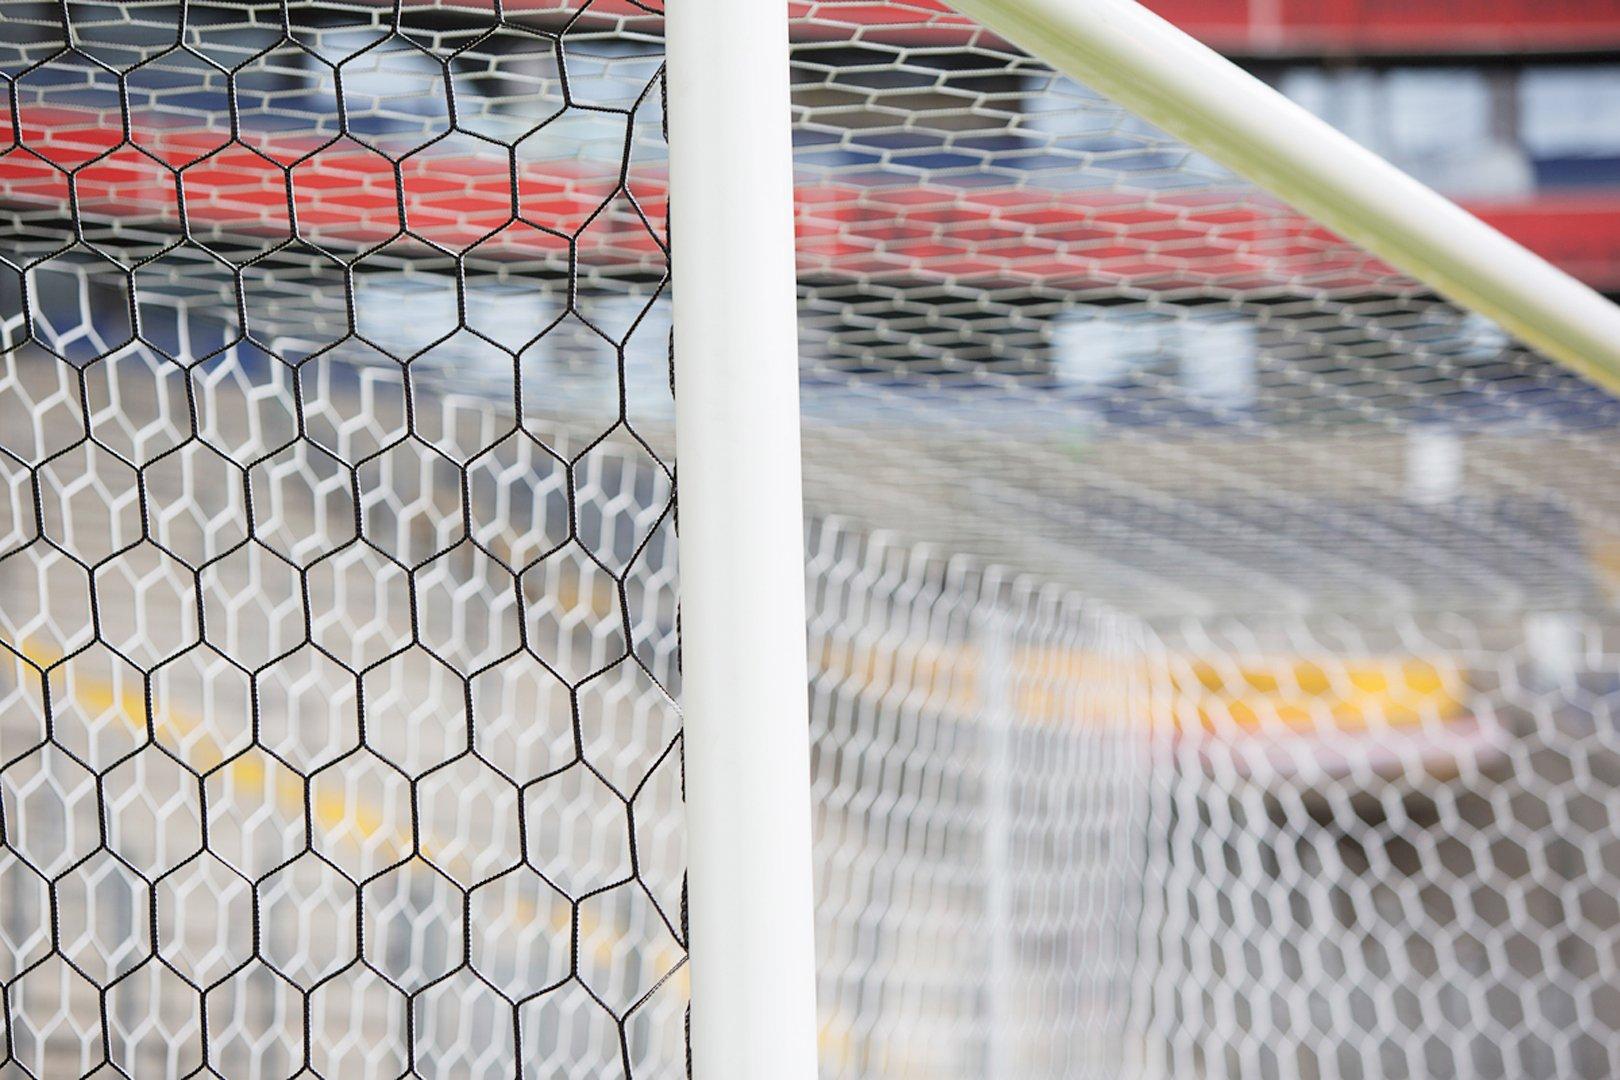 3.5mm hexagonal Mesh Box Style Goal Nets, \'Fans Net\' - Huck